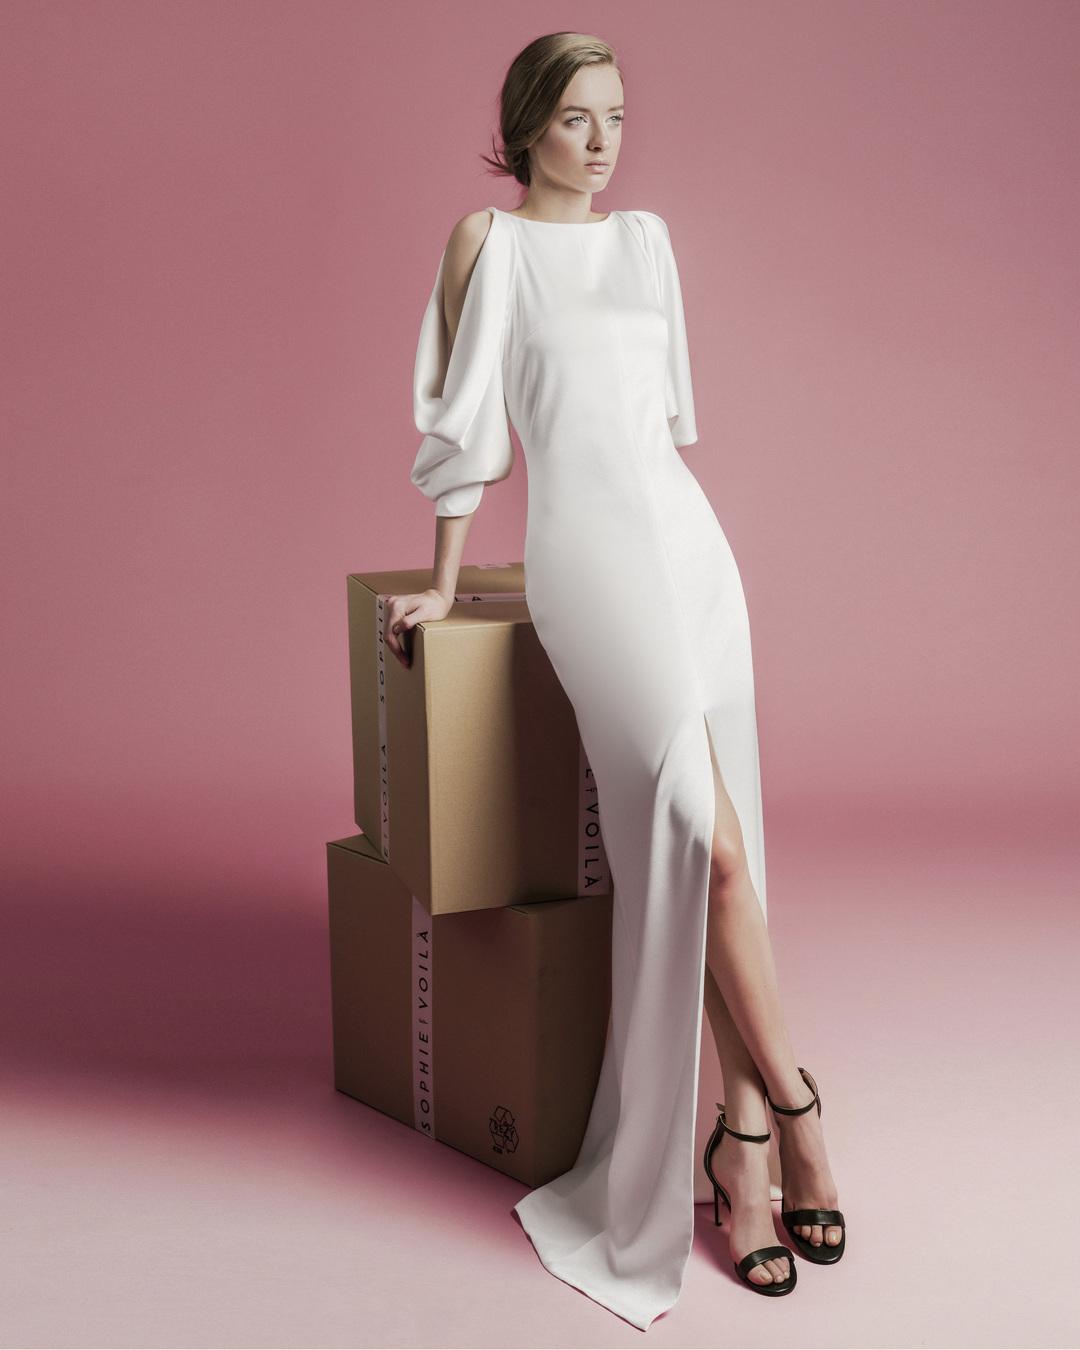 elianne eco dress photo